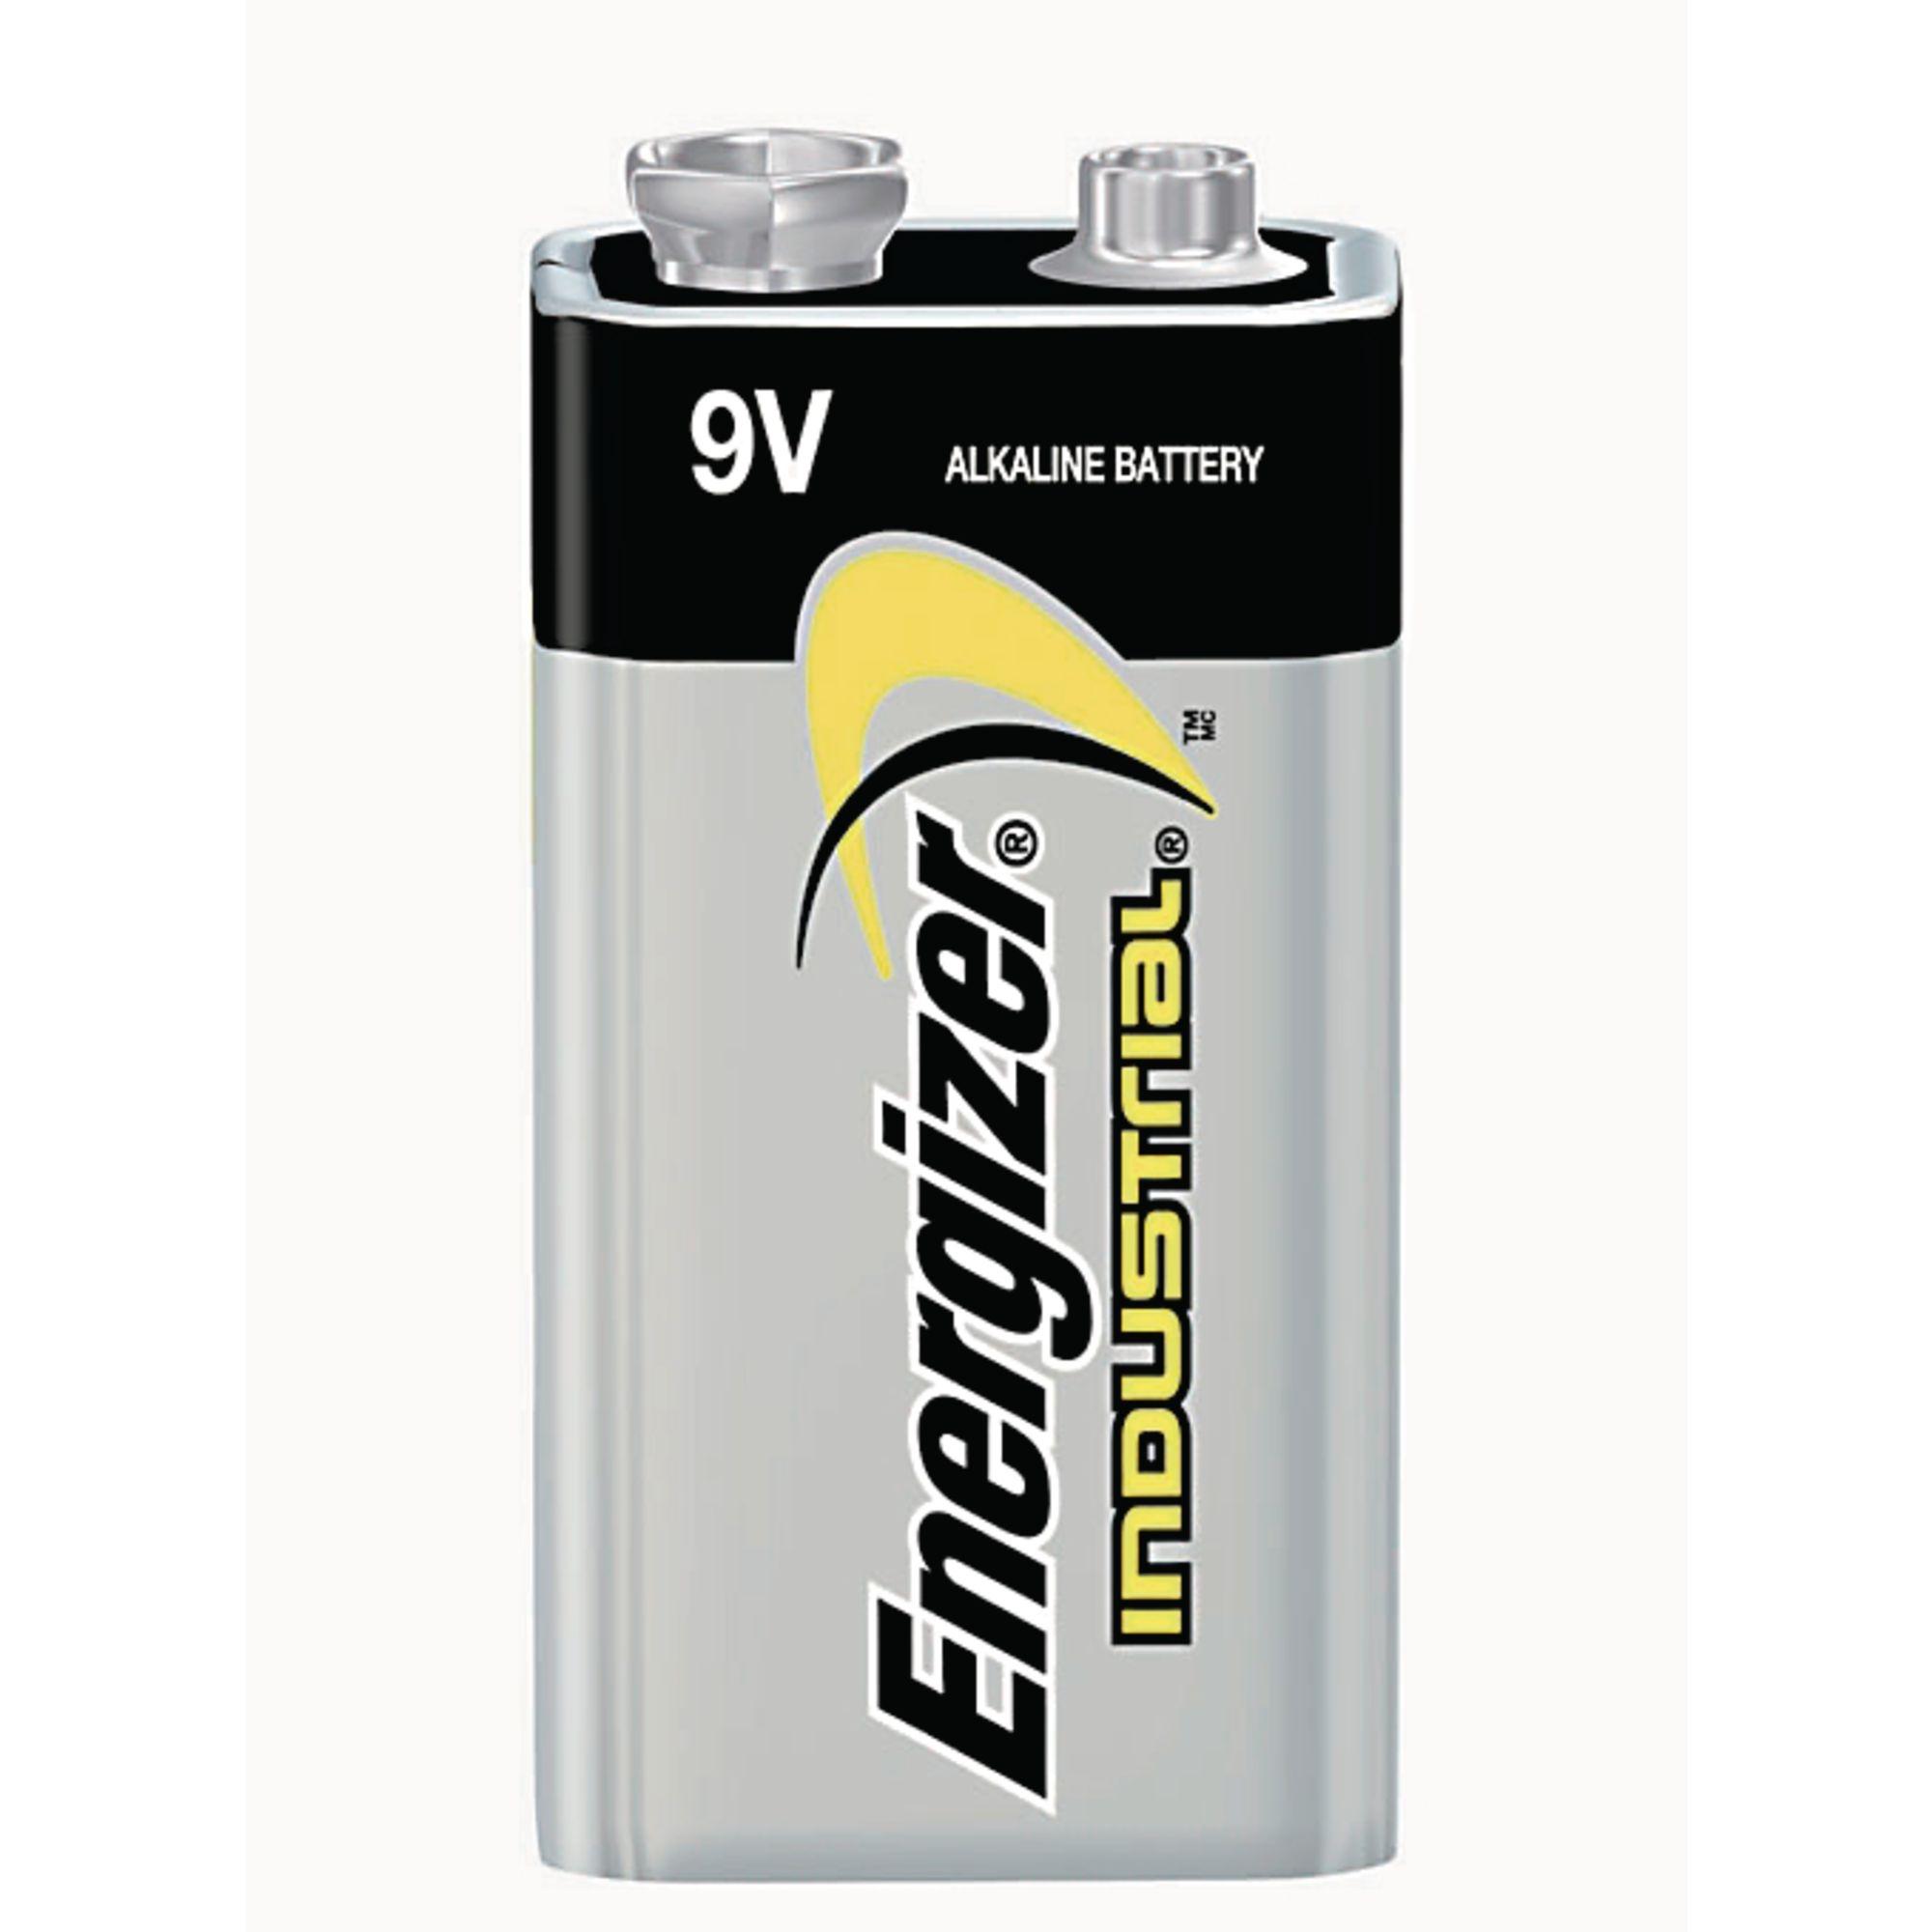 Alkaline Battery 9V 6LR61 Pk12